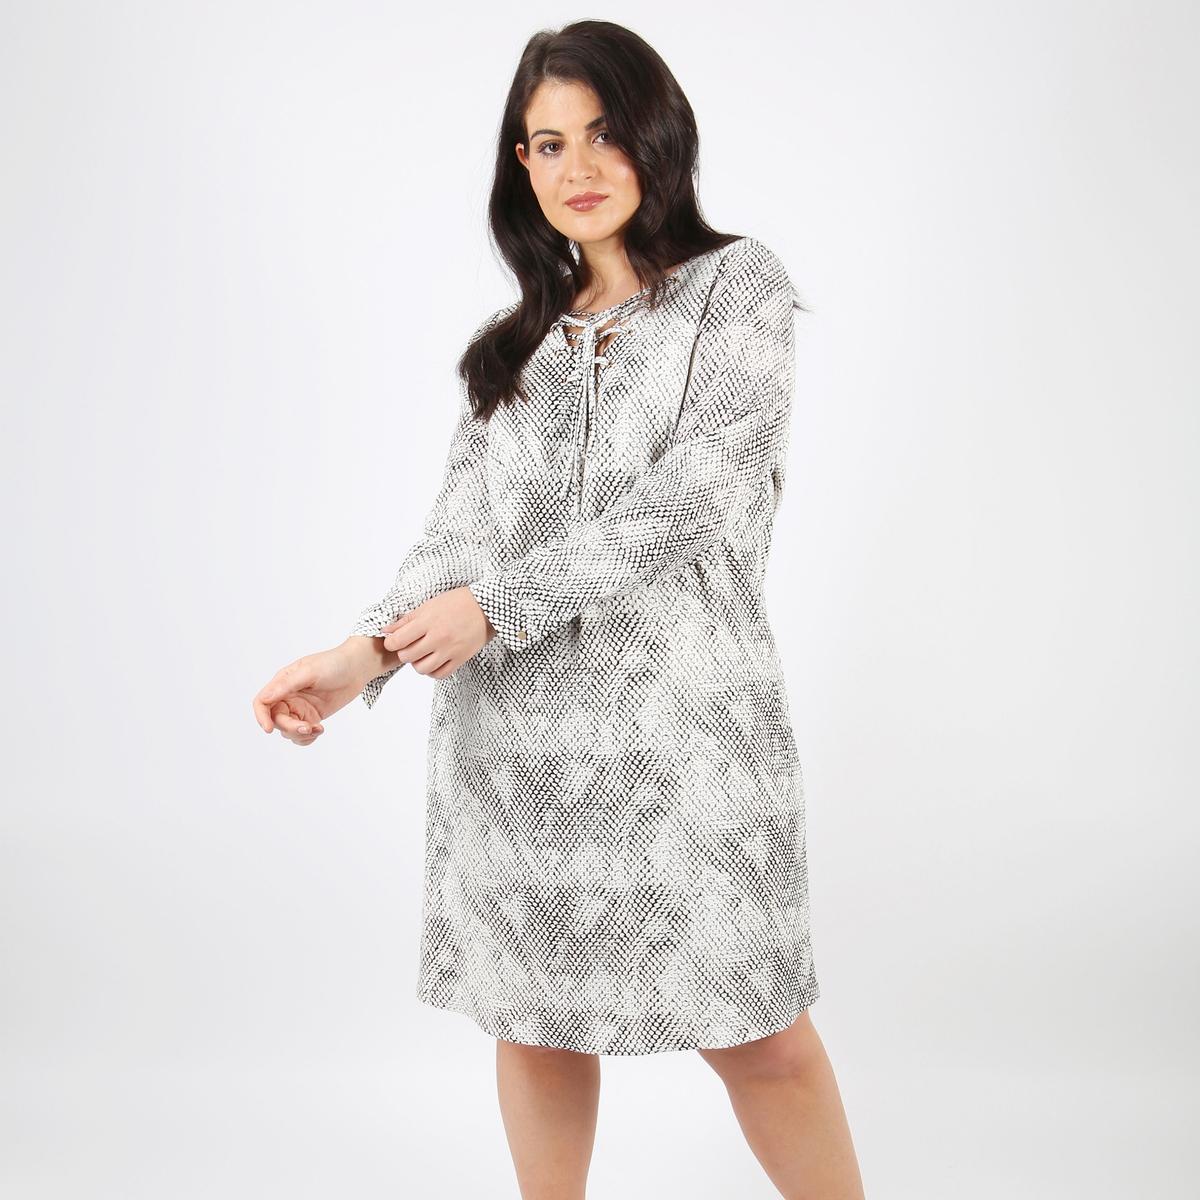 Sukienka rozkloszowana, półdługa, z nadrukiem